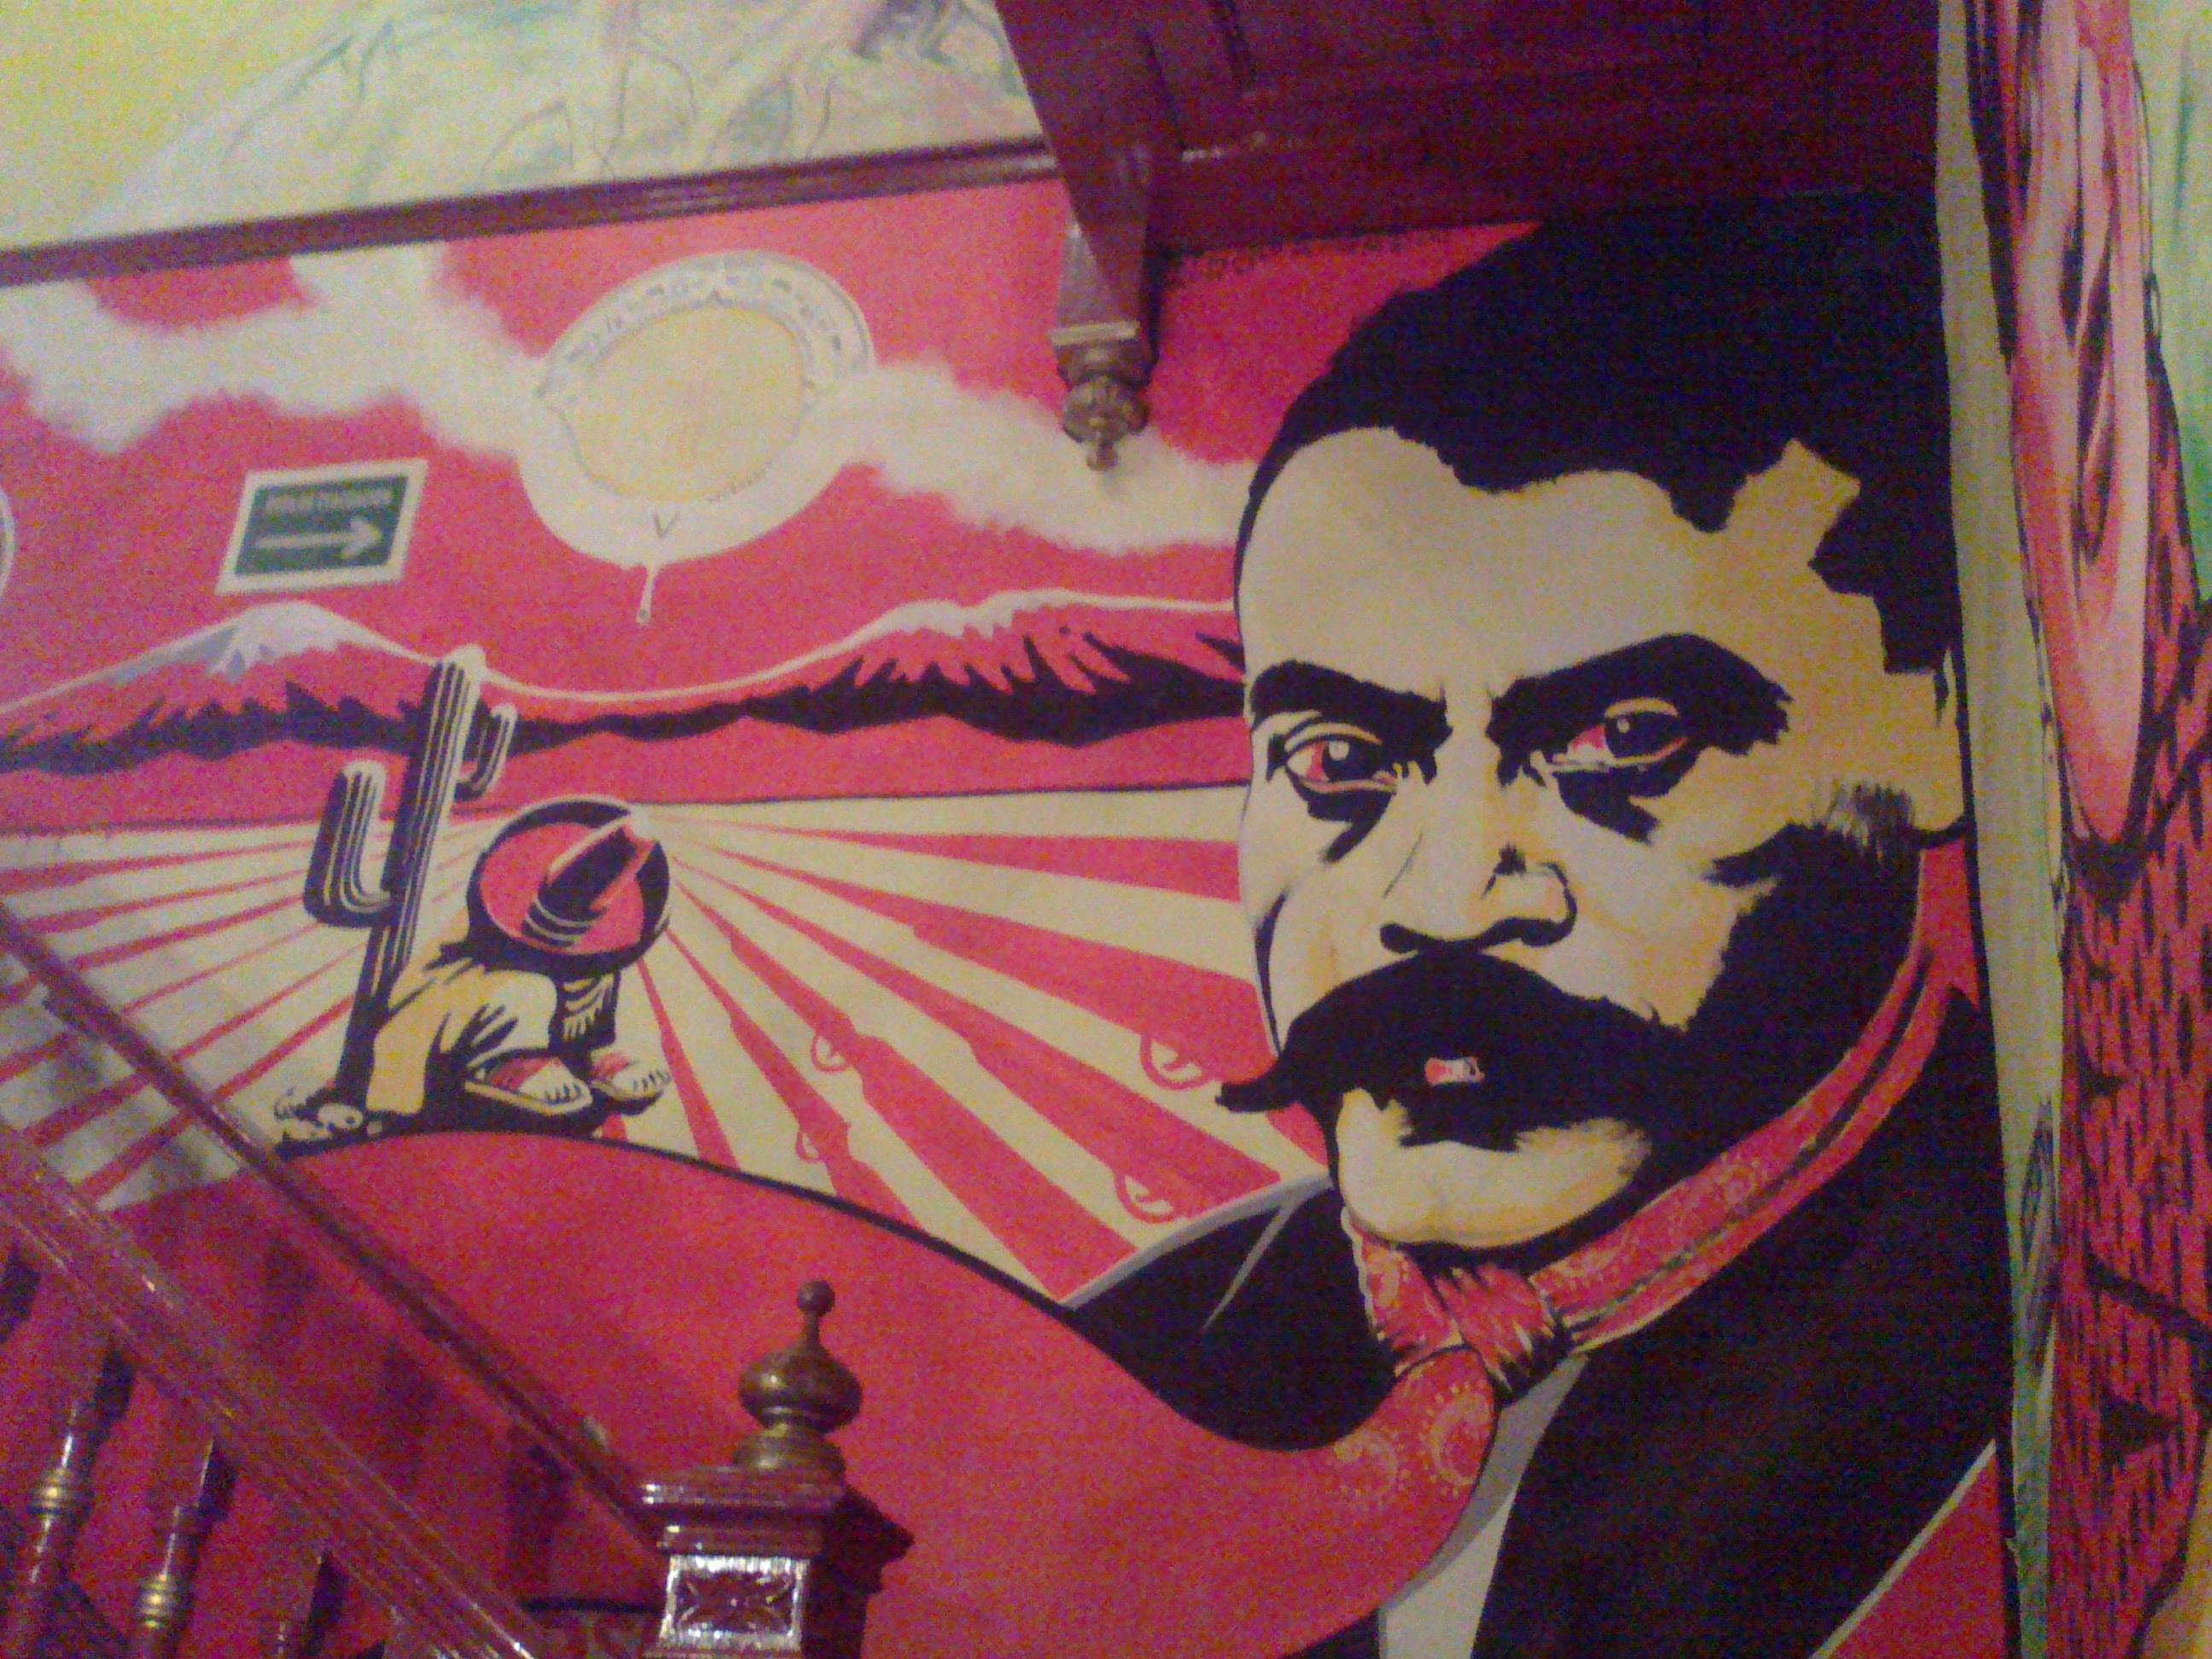 Mural en el Salon Calavera, Centro, CDMX